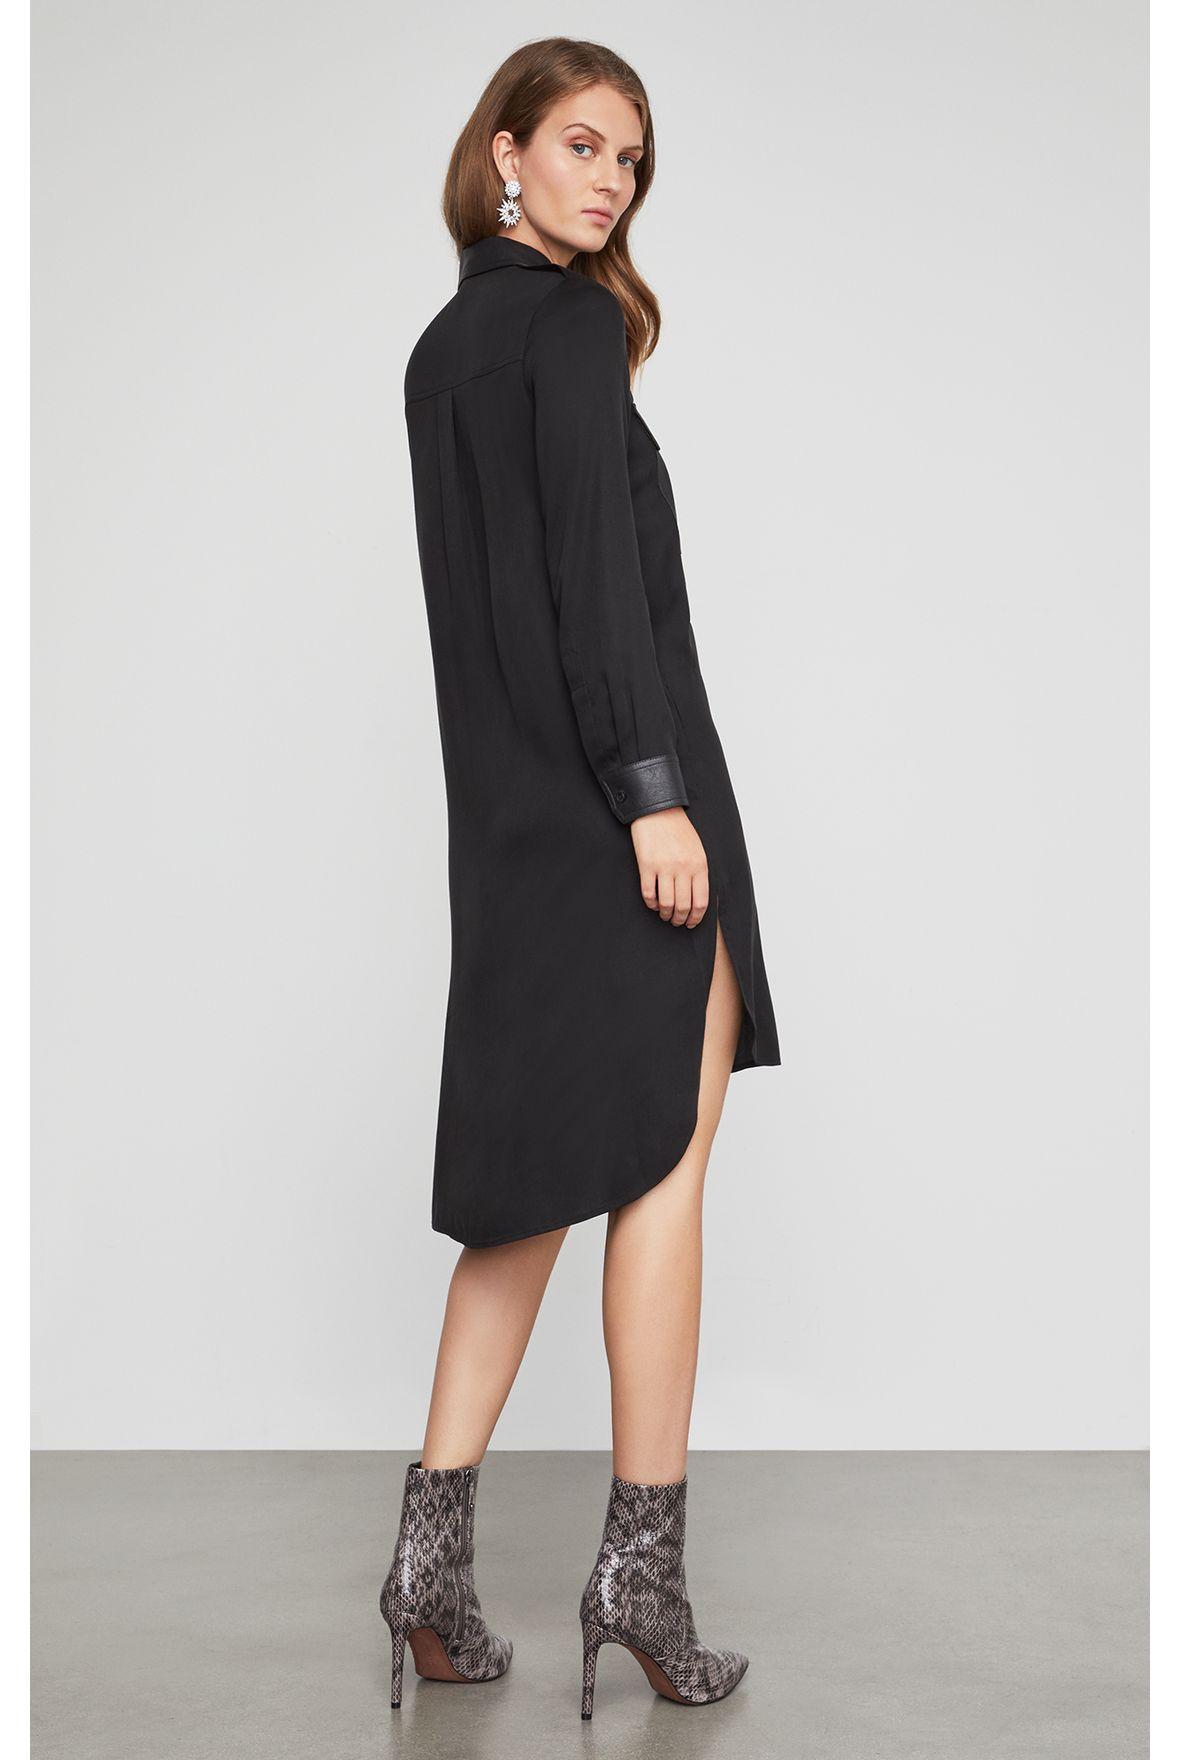 Vestido-Con-Adornos-De-Piel-Sintetica-UFV6171465_001